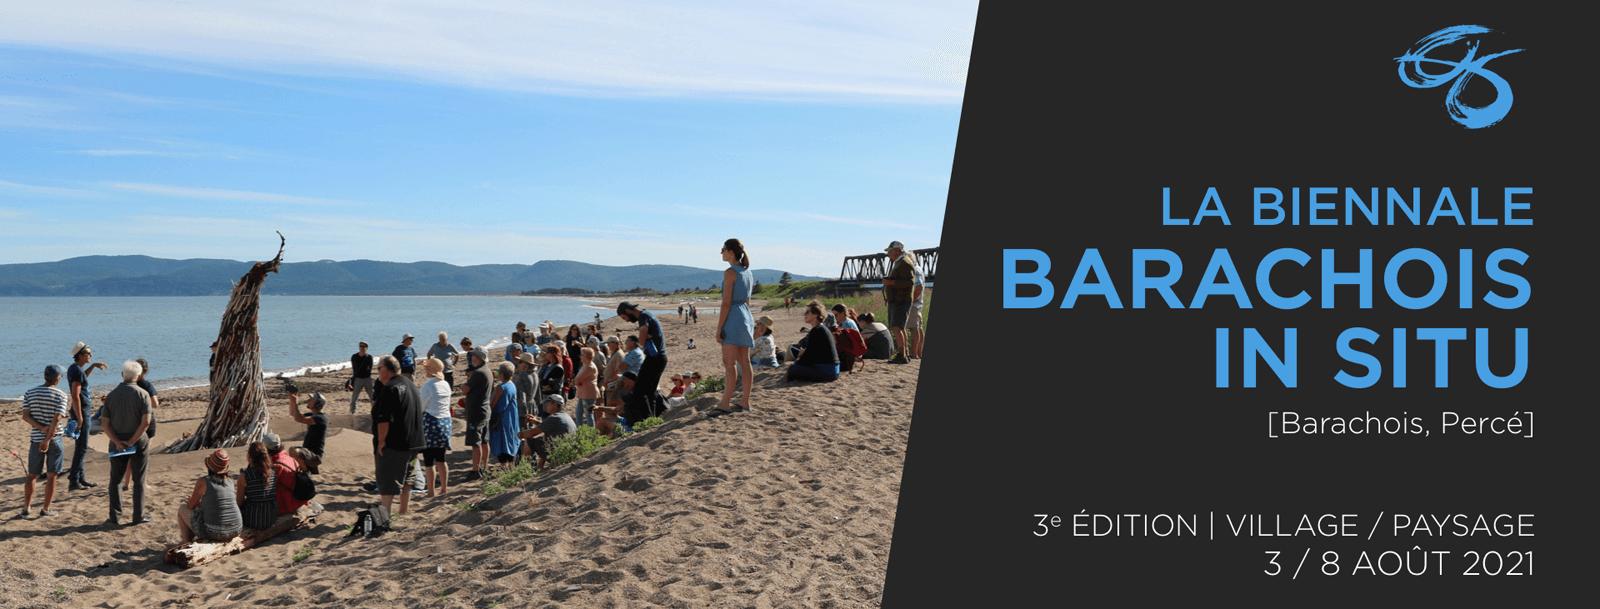 La Biennale Barachois In Situ 2021